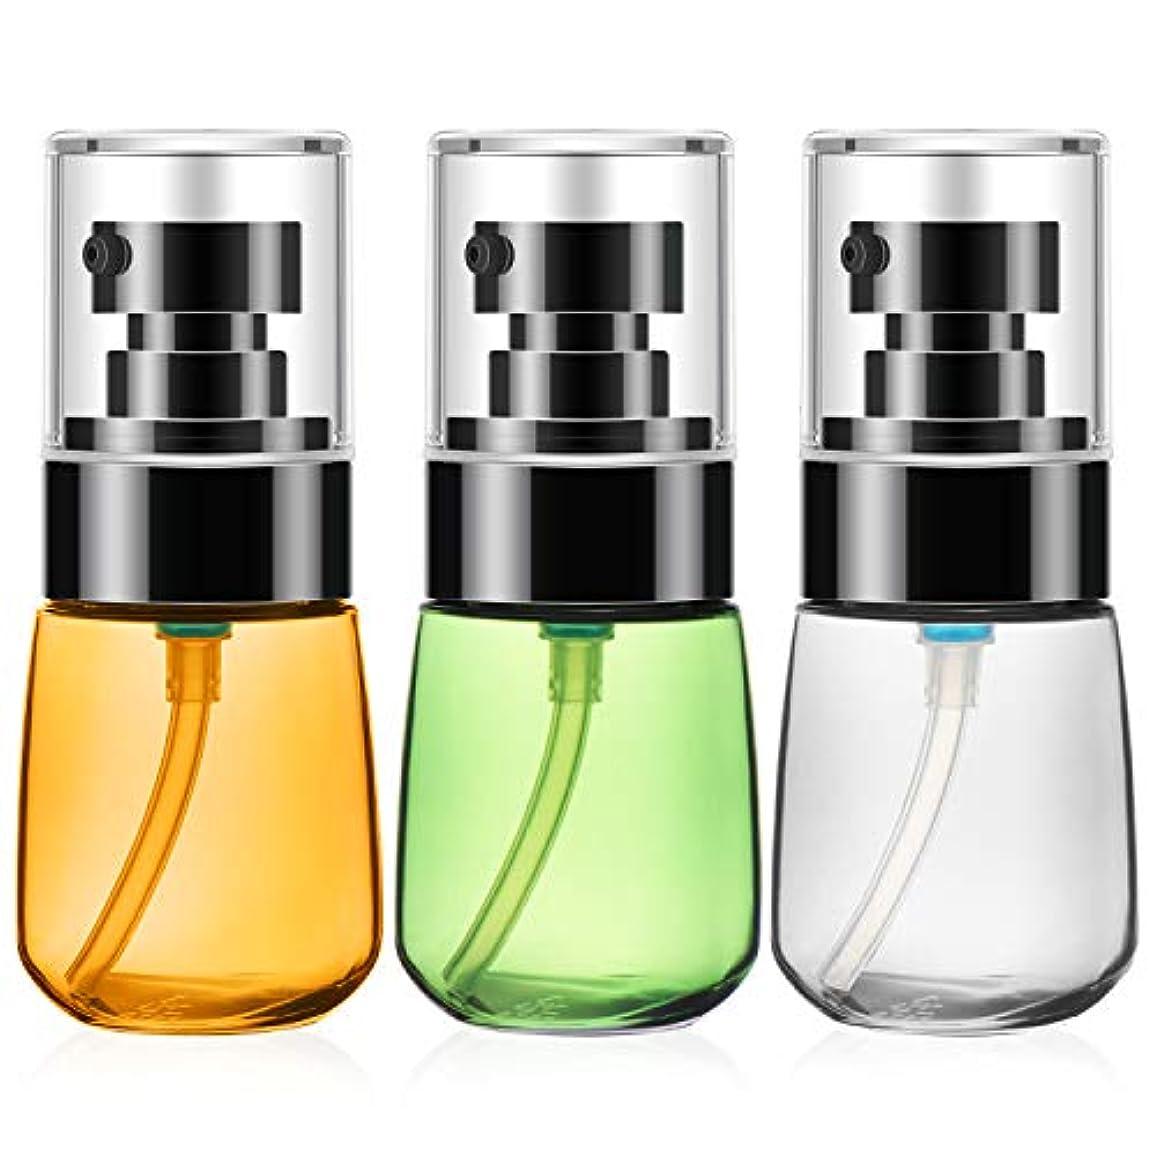 首尾一貫した十分民主党Segbeauty 乳液小分けの詰替え容器 ボルト 30ml 三色 3本セット 分けやすい 持ちやすい 旅行用品 便利さ